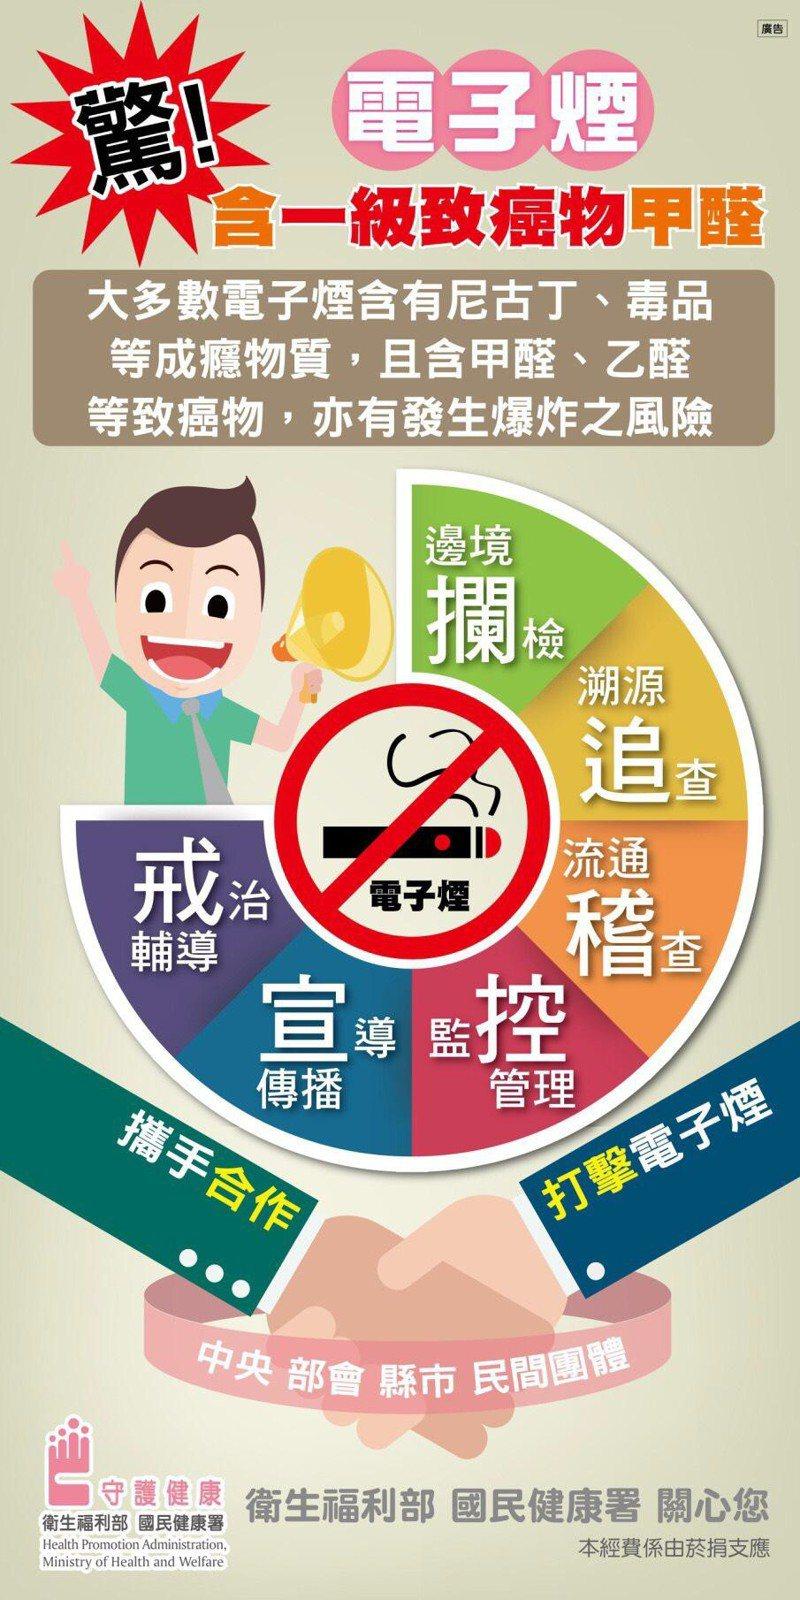 衛福部國健署文宣指出電子菸含有數種致癌物,同時存在爆炸風險。圖/縣府提供